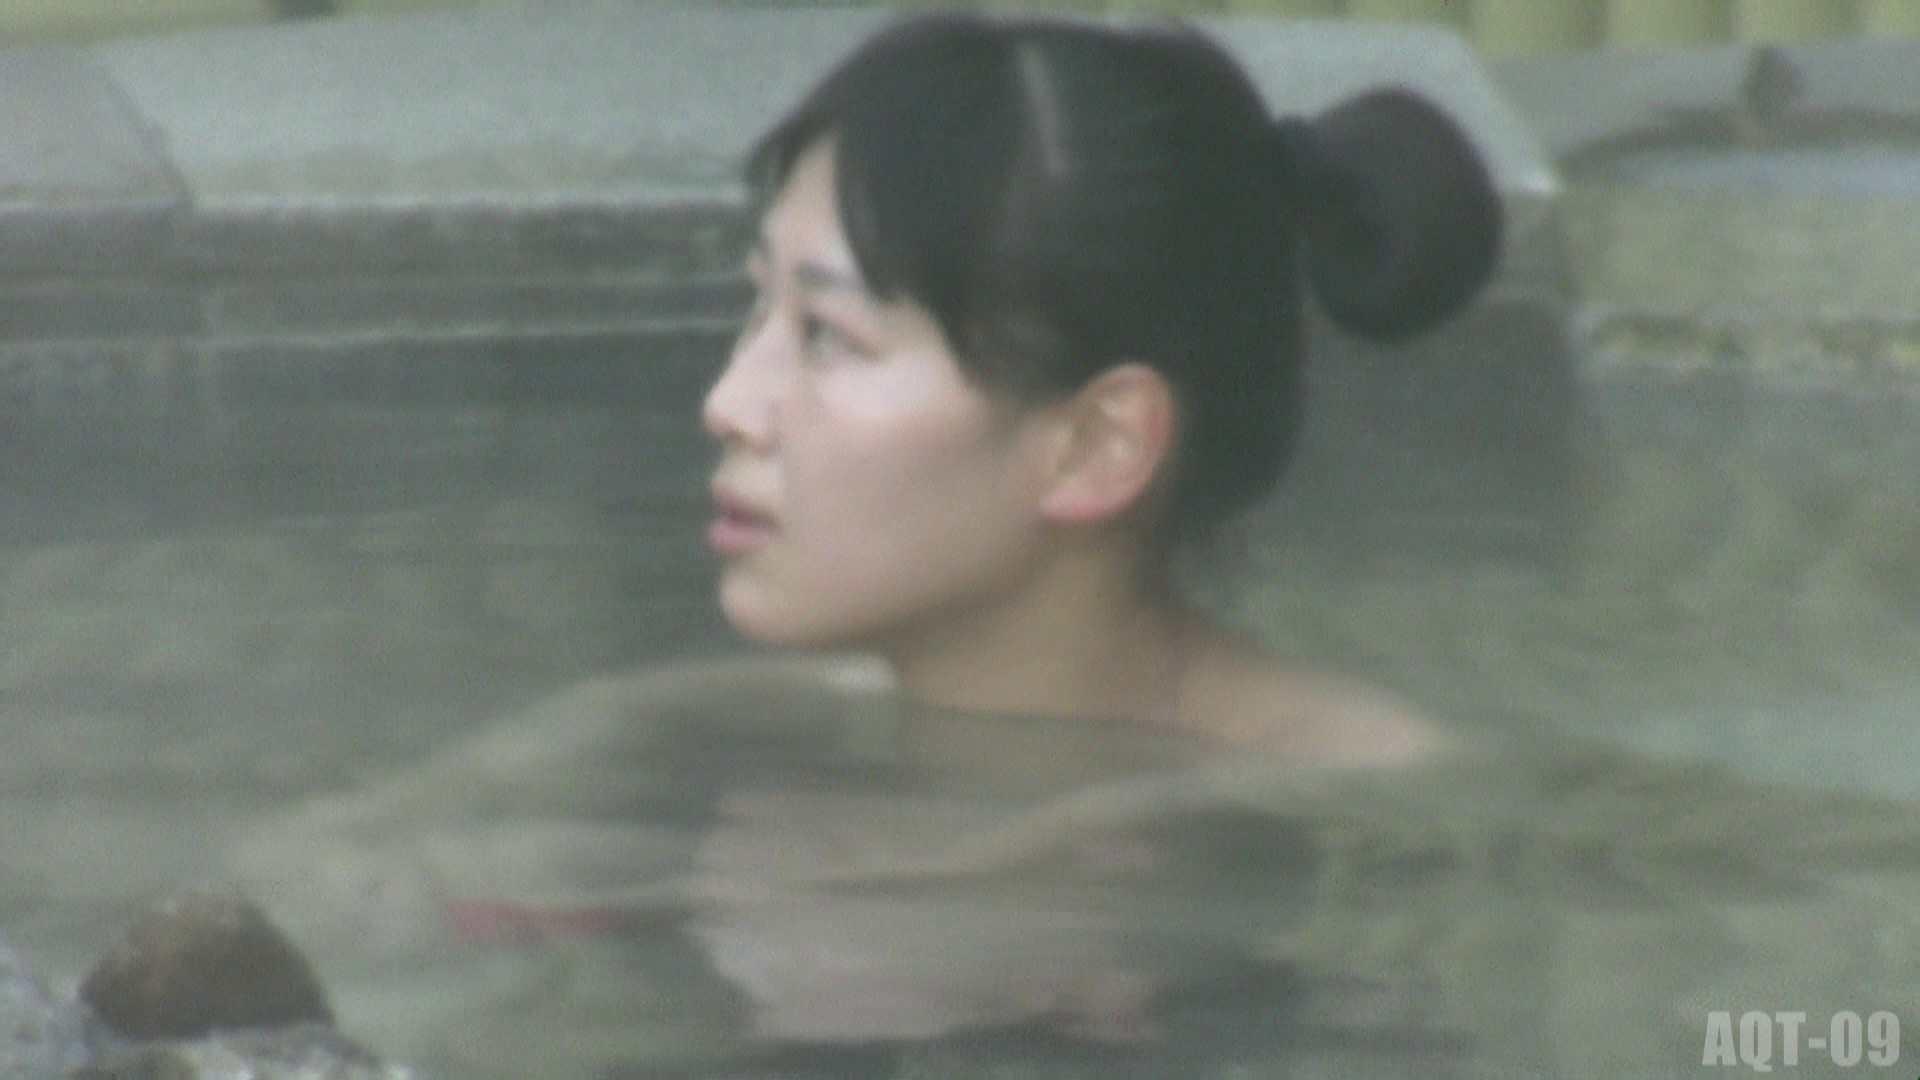 Aquaな露天風呂Vol.785 露天風呂  10枚 4